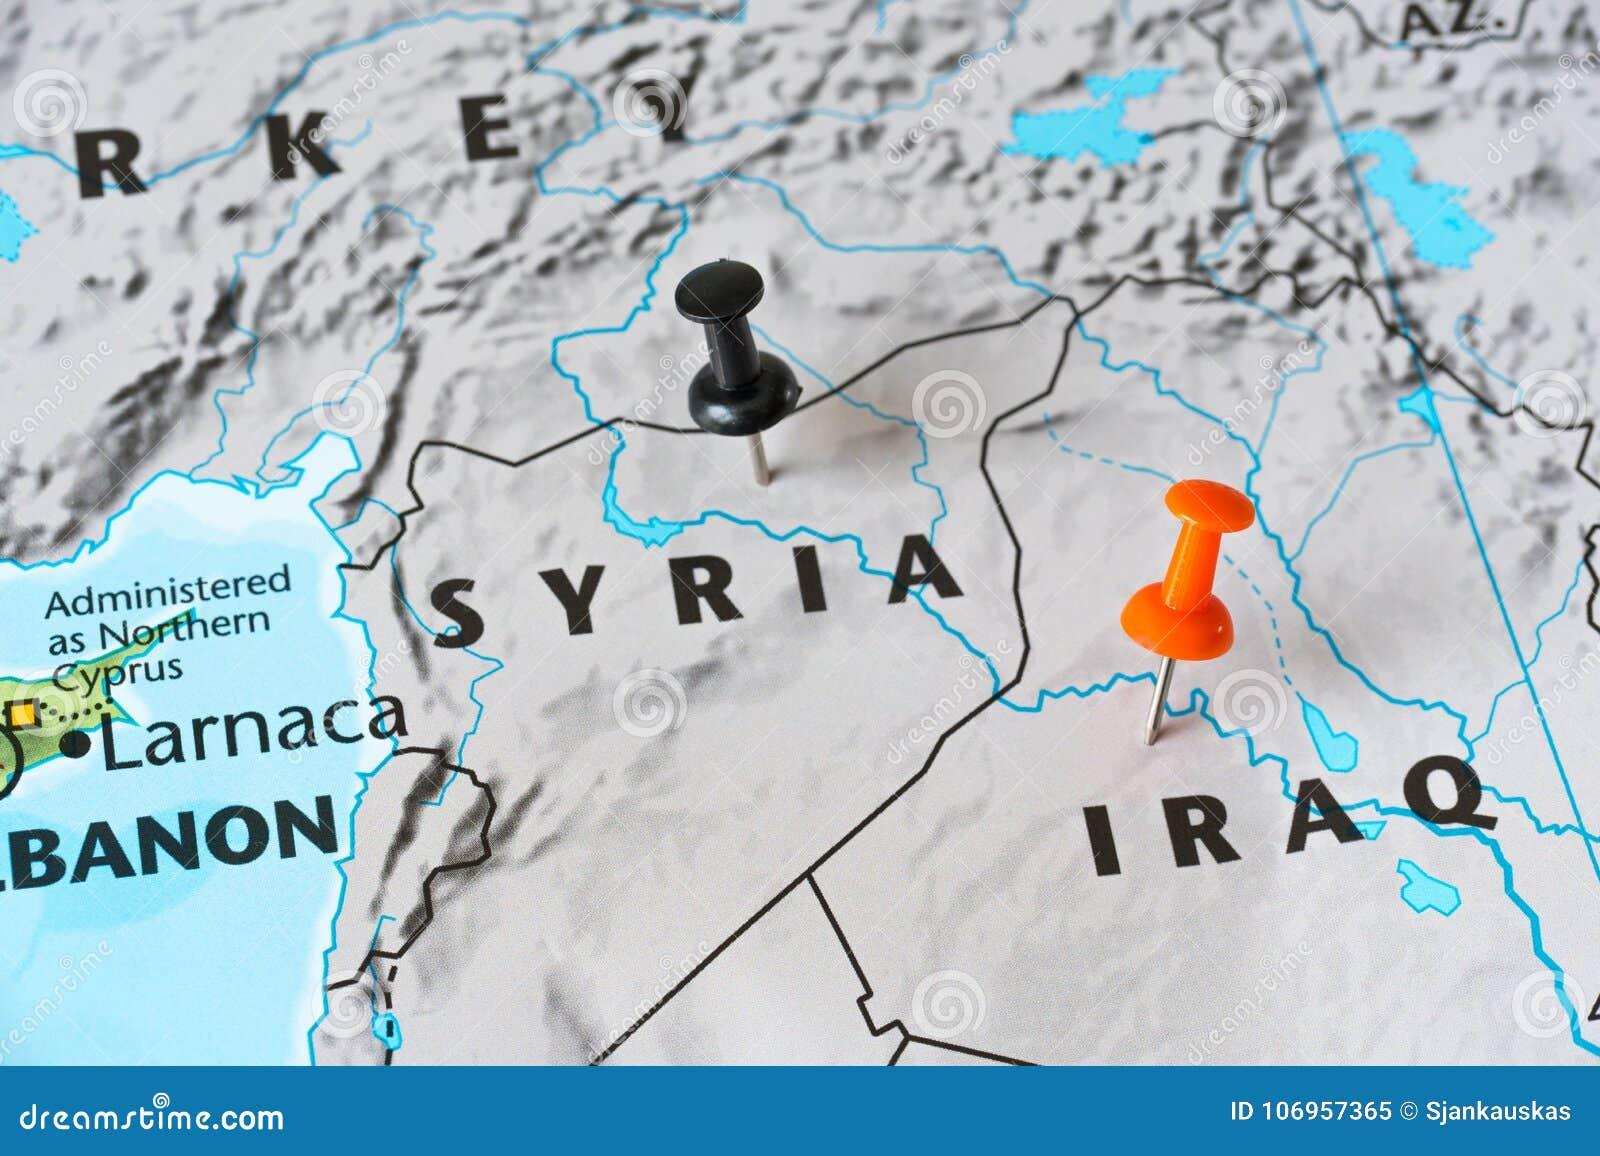 Syrien Karte Krieg.Karte Von Syrien Und Von Irak Konzept Der Weltbrenzligen Stelle